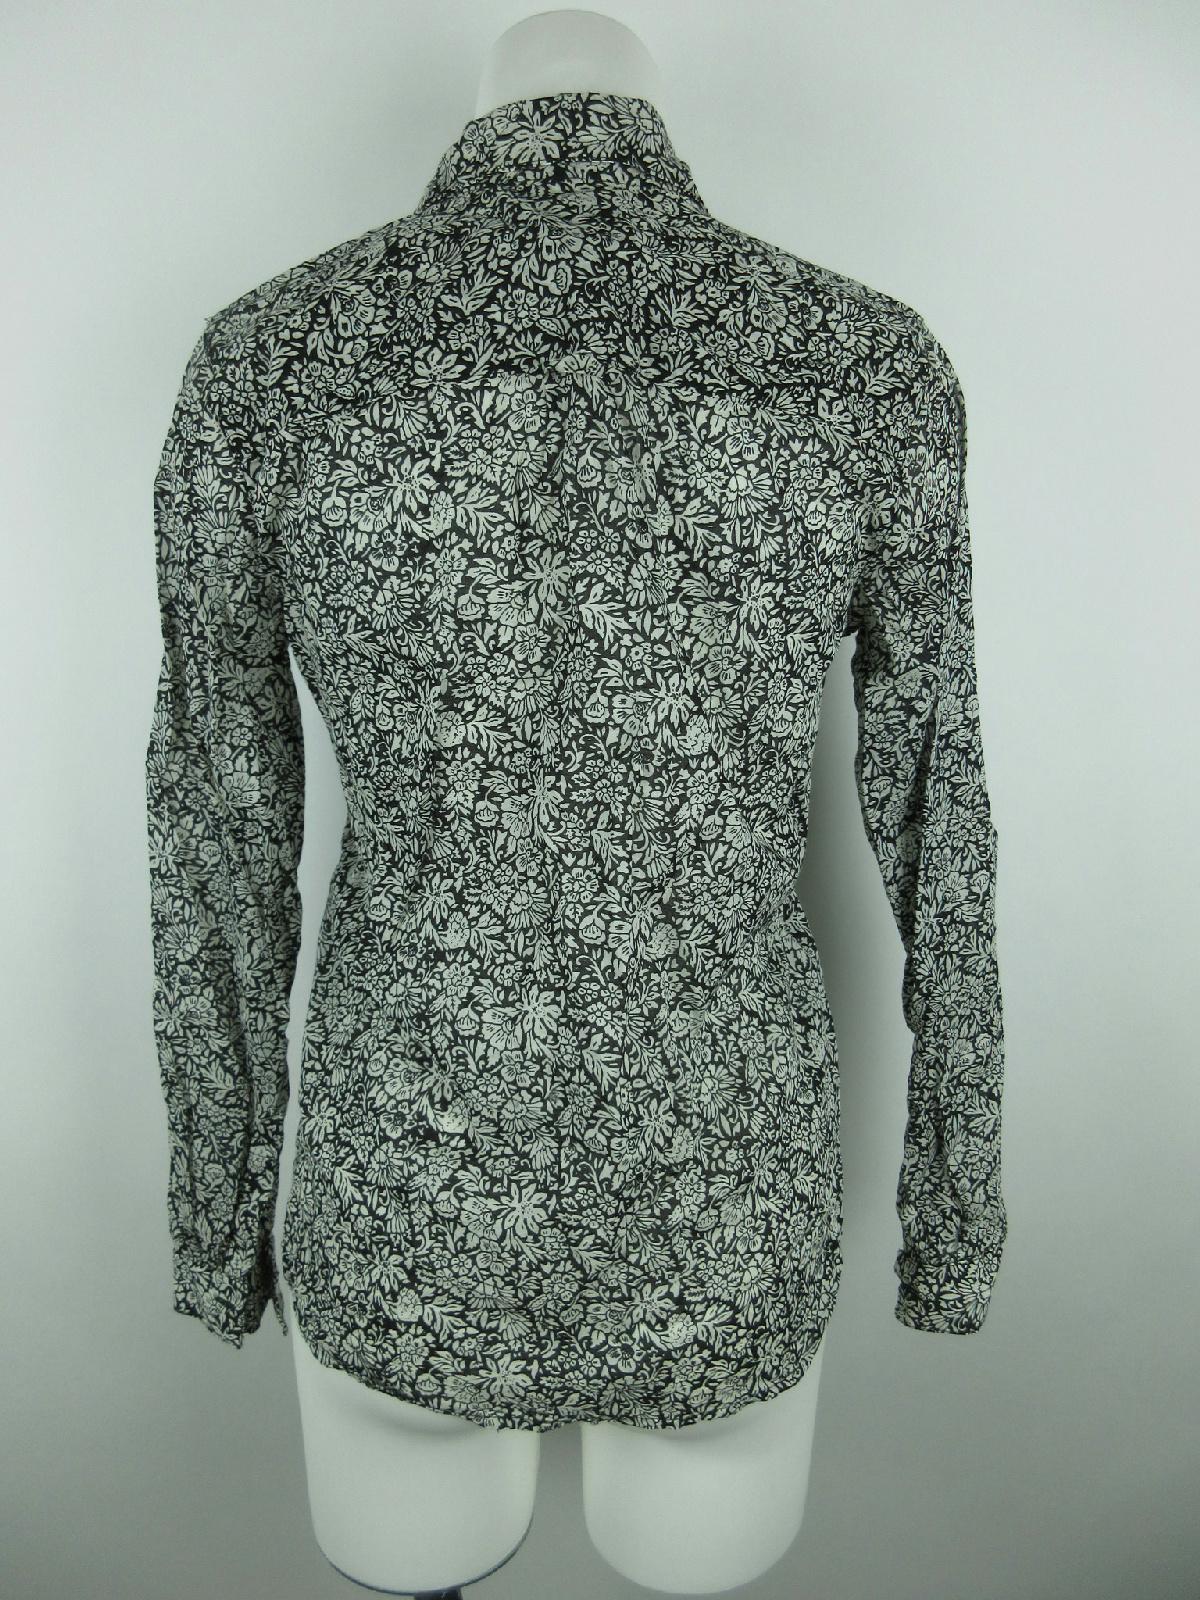 12395ce98 Ann Taylor LOFT Women's sz XS Button Down Floral Sheer Black White ...